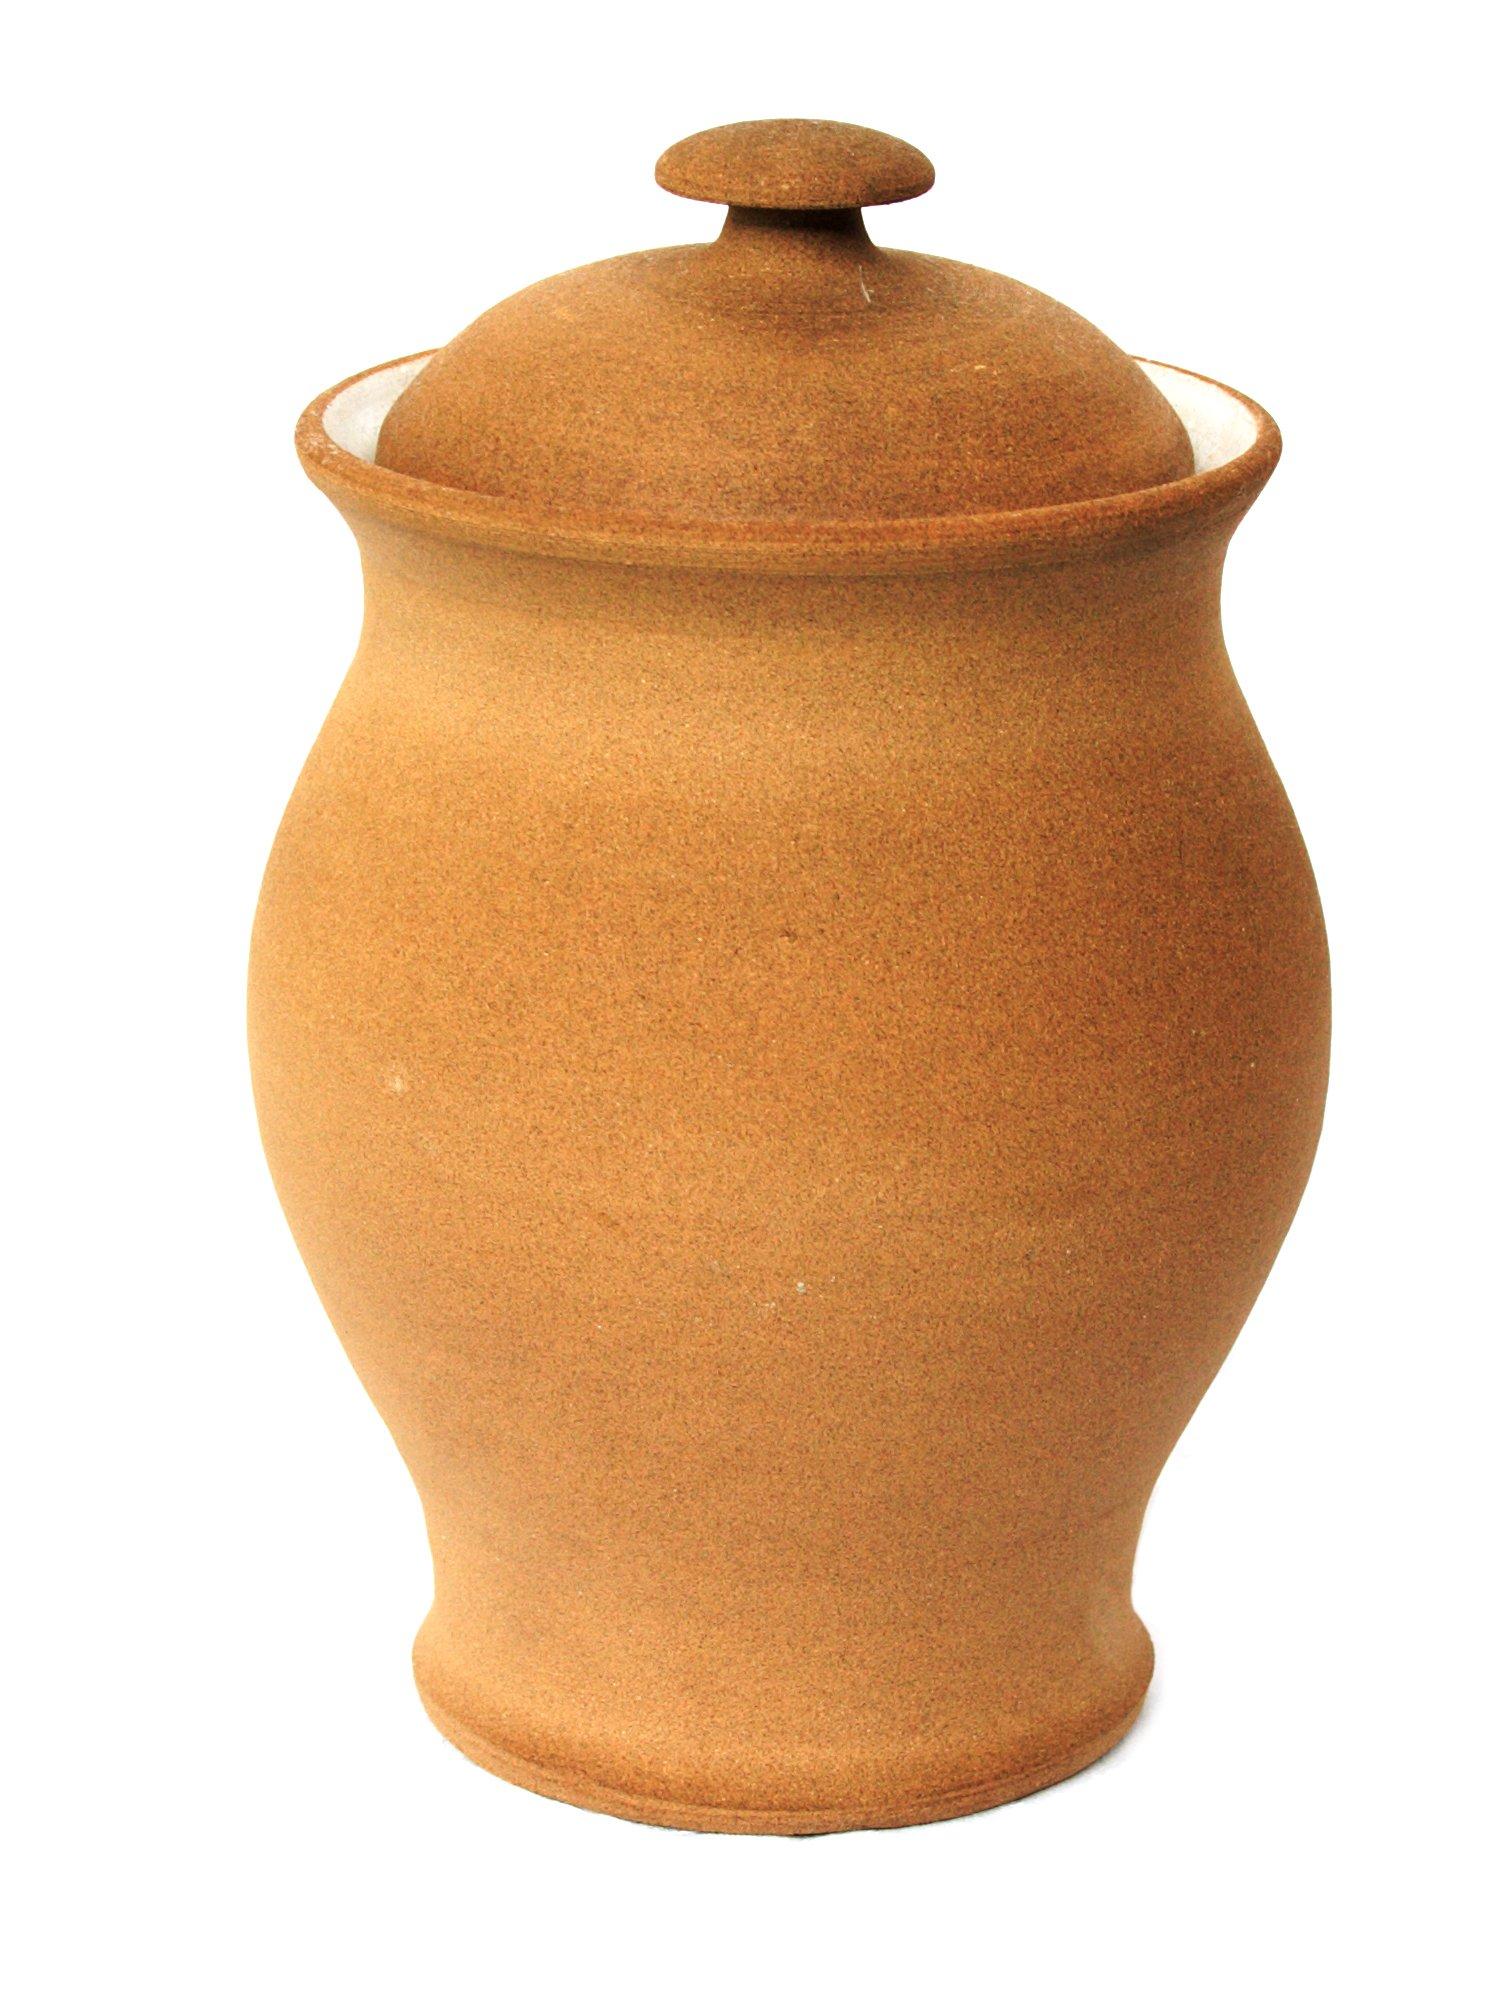 Gambar Teko Botol Keramik Barang Tembikar Bahan